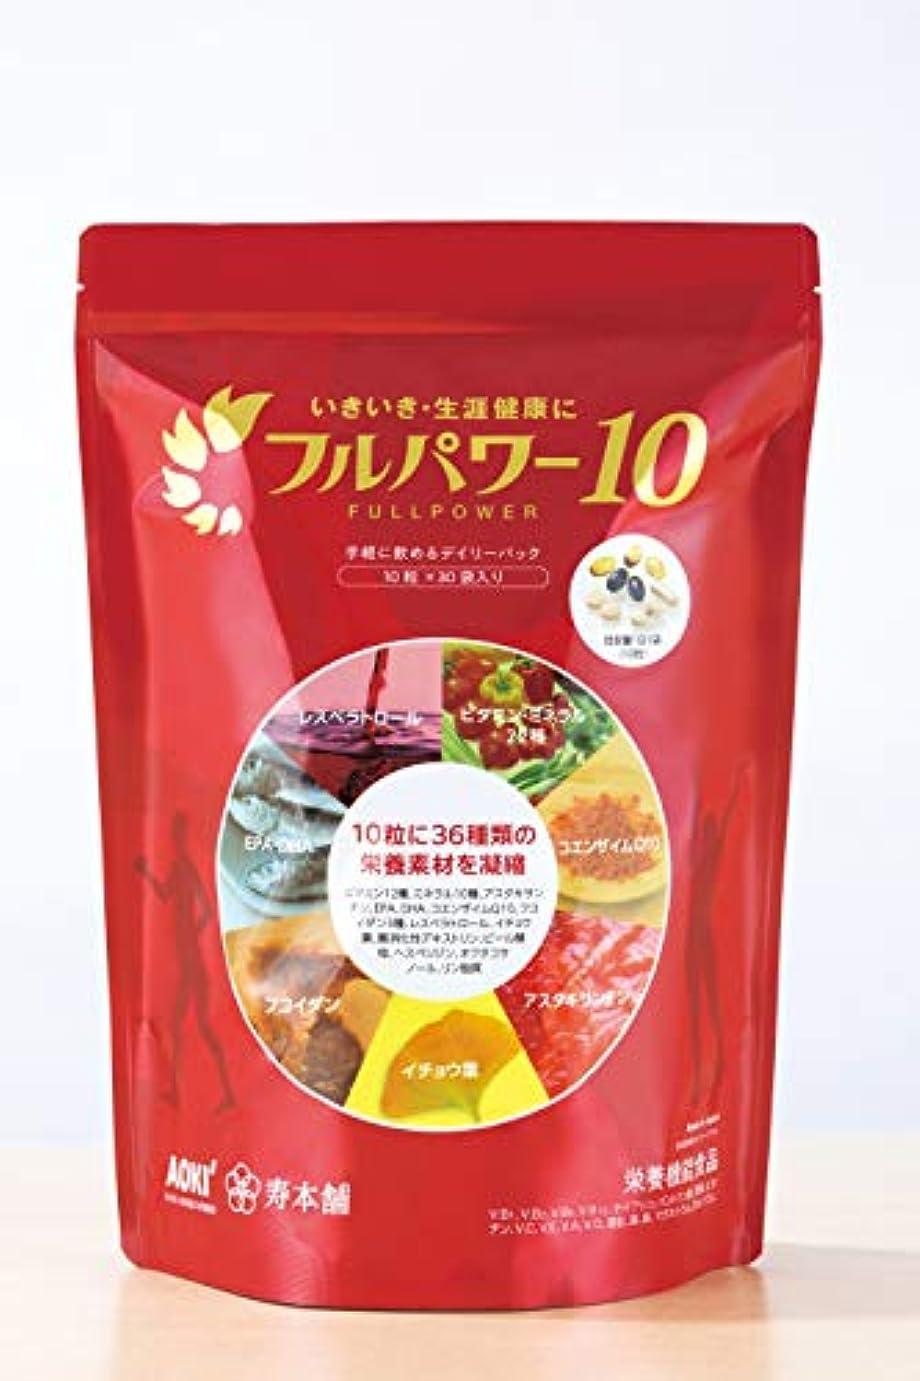 素晴らしいです機転例示するフルパワー10[30袋入](1袋10粒入)不足しやすい栄養を補給するサプリメント